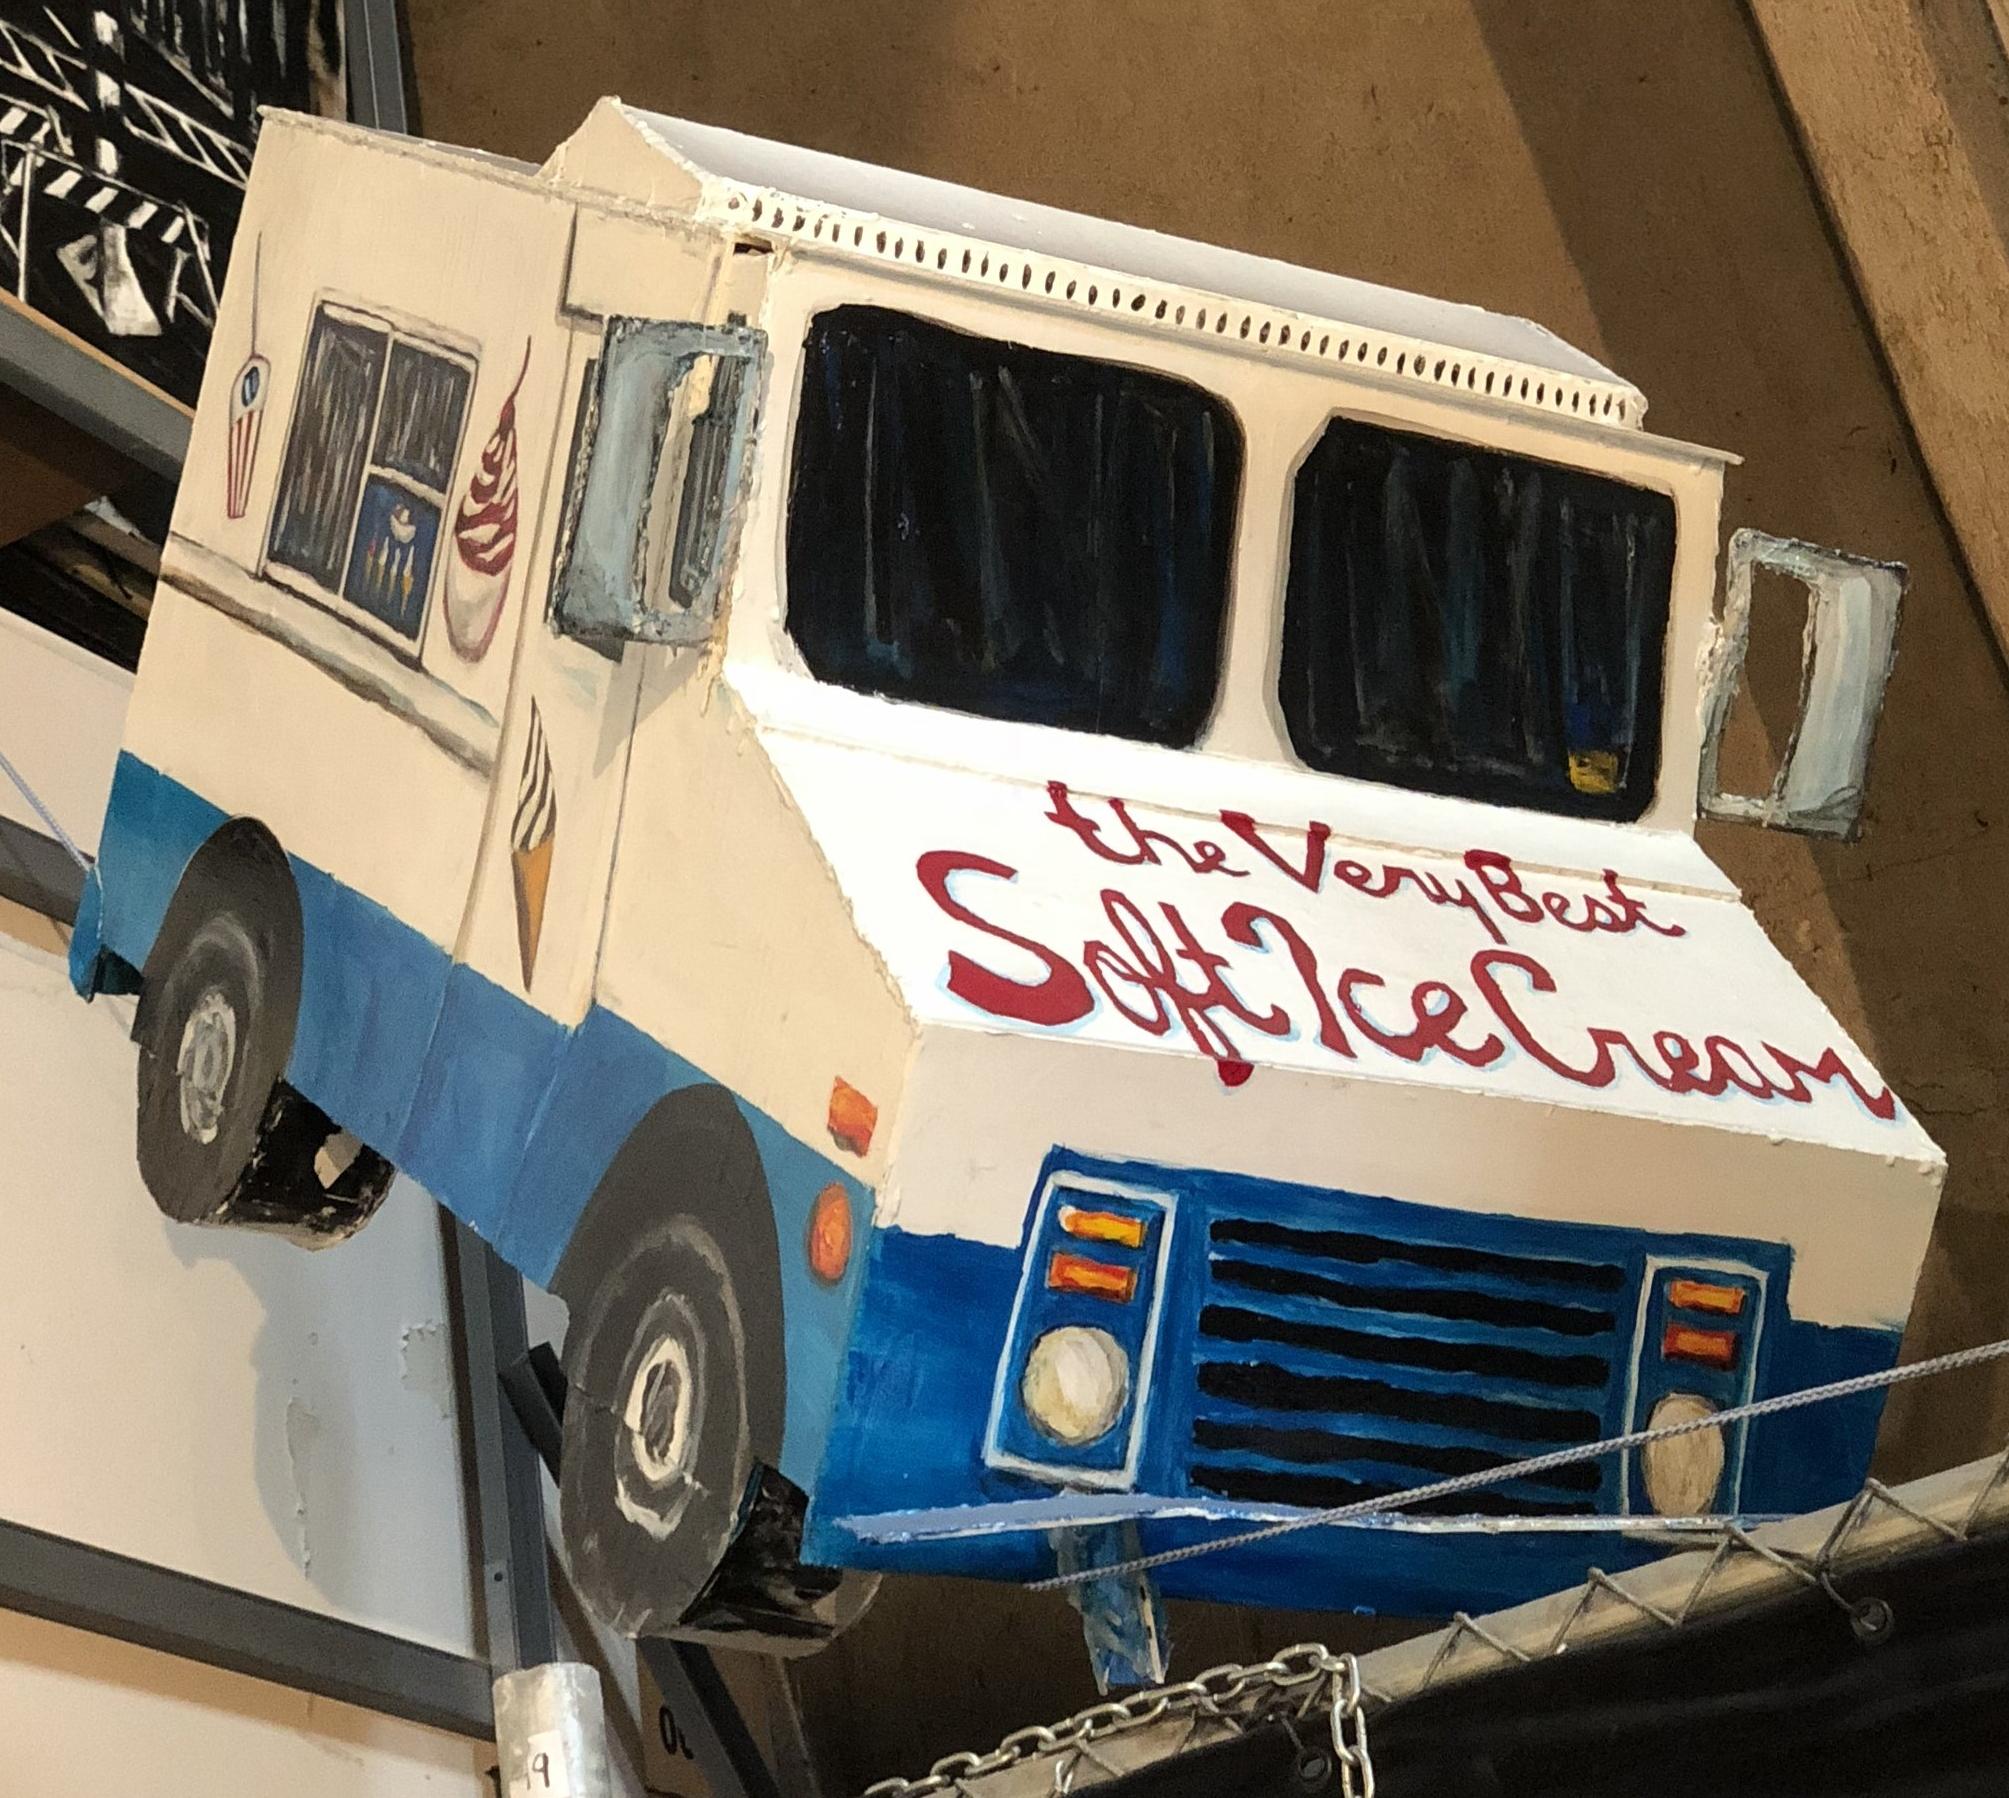 Mitchell Schorr Ice cream truck